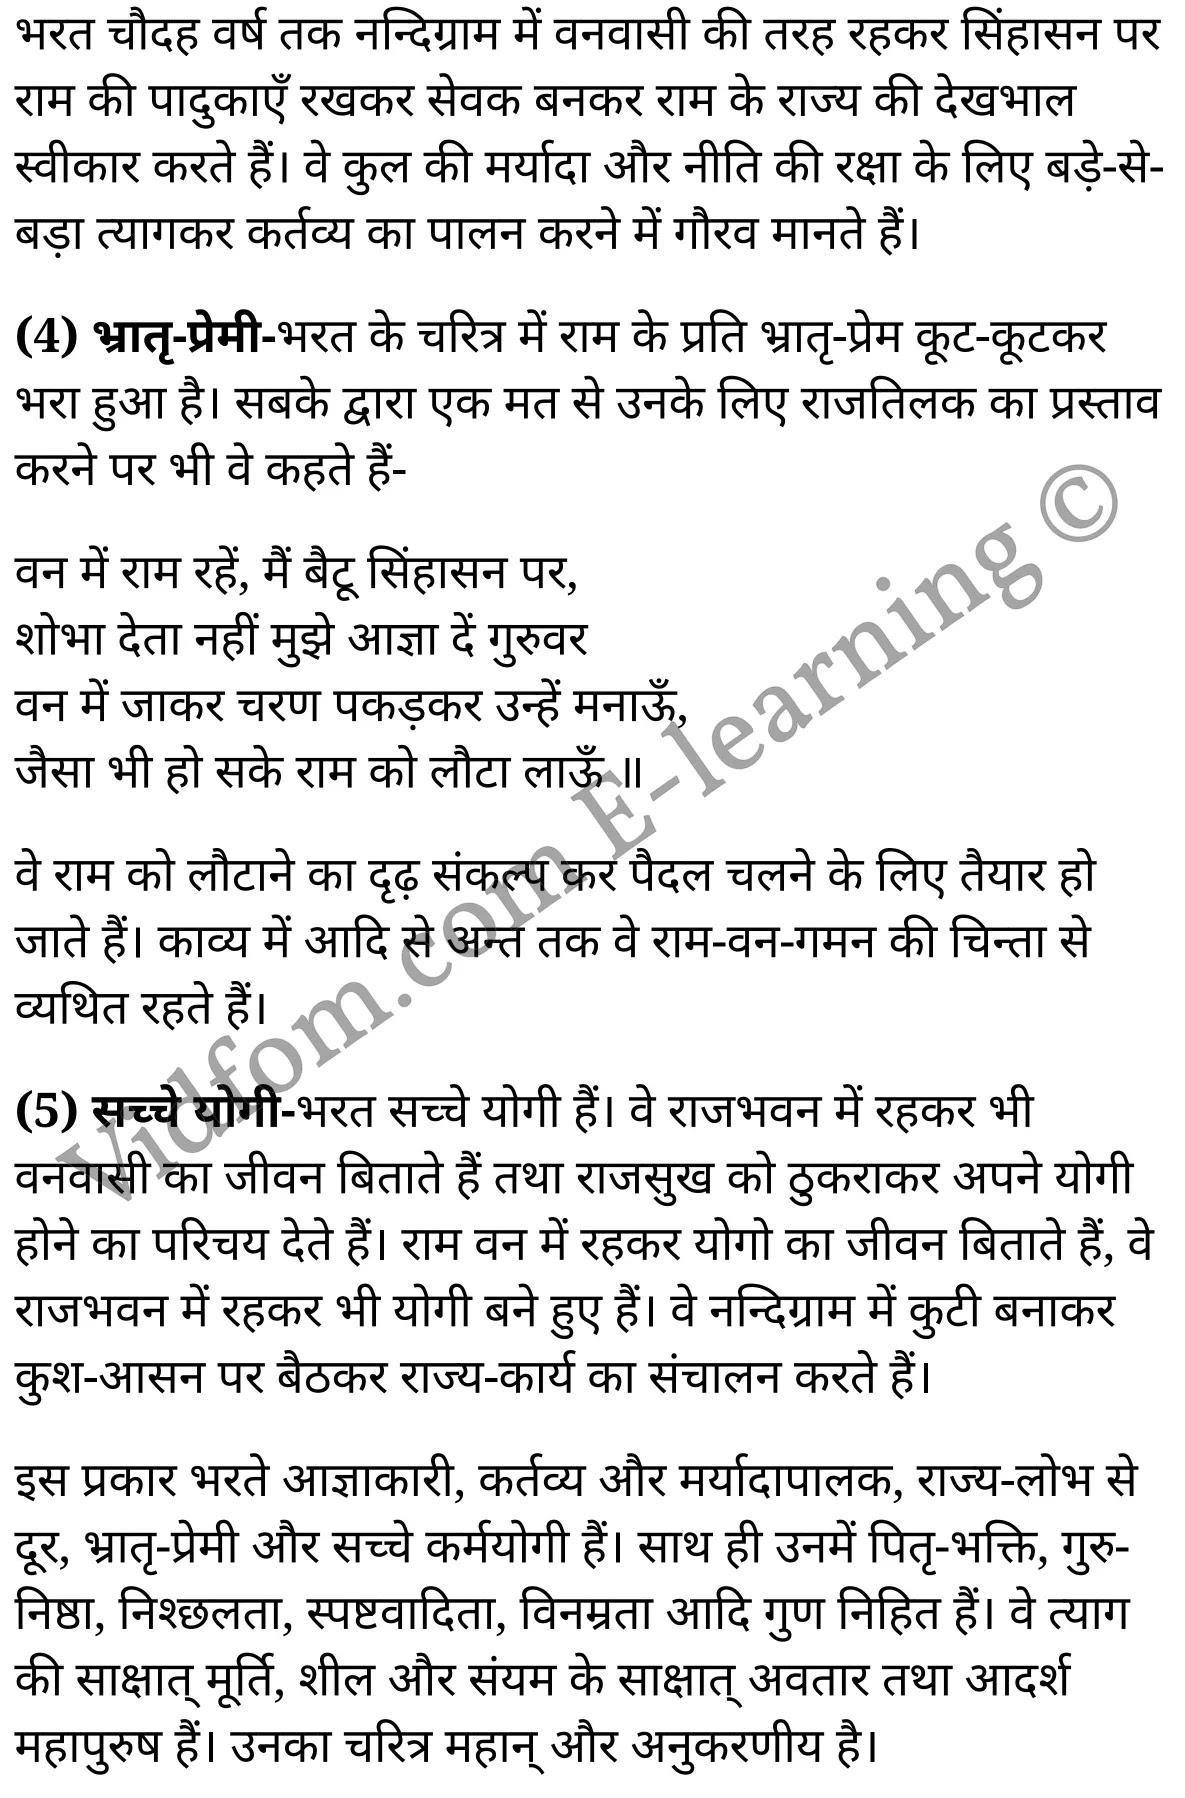 कक्षा 10 हिंदी  के नोट्स  हिंदी में एनसीईआरटी समाधान,     class 10 Hindi khand kaavya Chapter 1,   class 10 Hindi khand kaavya Chapter 1 ncert solutions in Hindi,   class 10 Hindi khand kaavya Chapter 1 notes in hindi,   class 10 Hindi khand kaavya Chapter 1 question answer,   class 10 Hindi khand kaavya Chapter 1 notes,   class 10 Hindi khand kaavya Chapter 1 class 10 Hindi khand kaavya Chapter 1 in  hindi,    class 10 Hindi khand kaavya Chapter 1 important questions in  hindi,   class 10 Hindi khand kaavya Chapter 1 notes in hindi,    class 10 Hindi khand kaavya Chapter 1 test,   class 10 Hindi khand kaavya Chapter 1 pdf,   class 10 Hindi khand kaavya Chapter 1 notes pdf,   class 10 Hindi khand kaavya Chapter 1 exercise solutions,   class 10 Hindi khand kaavya Chapter 1 notes study rankers,   class 10 Hindi khand kaavya Chapter 1 notes,    class 10 Hindi khand kaavya Chapter 1  class 10  notes pdf,   class 10 Hindi khand kaavya Chapter 1 class 10  notes  ncert,   class 10 Hindi khand kaavya Chapter 1 class 10 pdf,   class 10 Hindi khand kaavya Chapter 1  book,   class 10 Hindi khand kaavya Chapter 1 quiz class 10  ,   कक्षा 10 कर्मवीर भरत,  कक्षा 10 कर्मवीर भरत  के नोट्स हिंदी में,  कक्षा 10 कर्मवीर भरत प्रश्न उत्तर,  कक्षा 10 कर्मवीर भरत के नोट्स,  10 कक्षा कर्मवीर भरत  हिंदी में, कक्षा 10 कर्मवीर भरत  हिंदी में,  कक्षा 10 कर्मवीर भरत  महत्वपूर्ण प्रश्न हिंदी में, कक्षा 10 हिंदी के नोट्स  हिंदी में, कर्मवीर भरत हिंदी में कक्षा 10 नोट्स pdf,    कर्मवीर भरत हिंदी में  कक्षा 10 नोट्स 2021 ncert,   कर्मवीर भरत हिंदी  कक्षा 10 pdf,   कर्मवीर भरत हिंदी में  पुस्तक,   कर्मवीर भरत हिंदी में की बुक,   कर्मवीर भरत हिंदी में  प्रश्नोत्तरी class 10 ,  10   वीं कर्मवीर भरत  पुस्तक up board,   बिहार बोर्ड 10  पुस्तक वीं कर्मवीर भरत नोट्स,    कर्मवीर भरत  कक्षा 10 नोट्स 2021 ncert,   कर्मवीर भरत  कक्षा 10 pdf,   कर्मवीर भरत  पुस्तक,   कर्मवीर भरत की बुक,   कर्मवीर भरत प्रश्नोत्तरी class 10,   10  th class 10 Hindi khand kaavya Chapter 1  book up board,   up board 10  th class 1